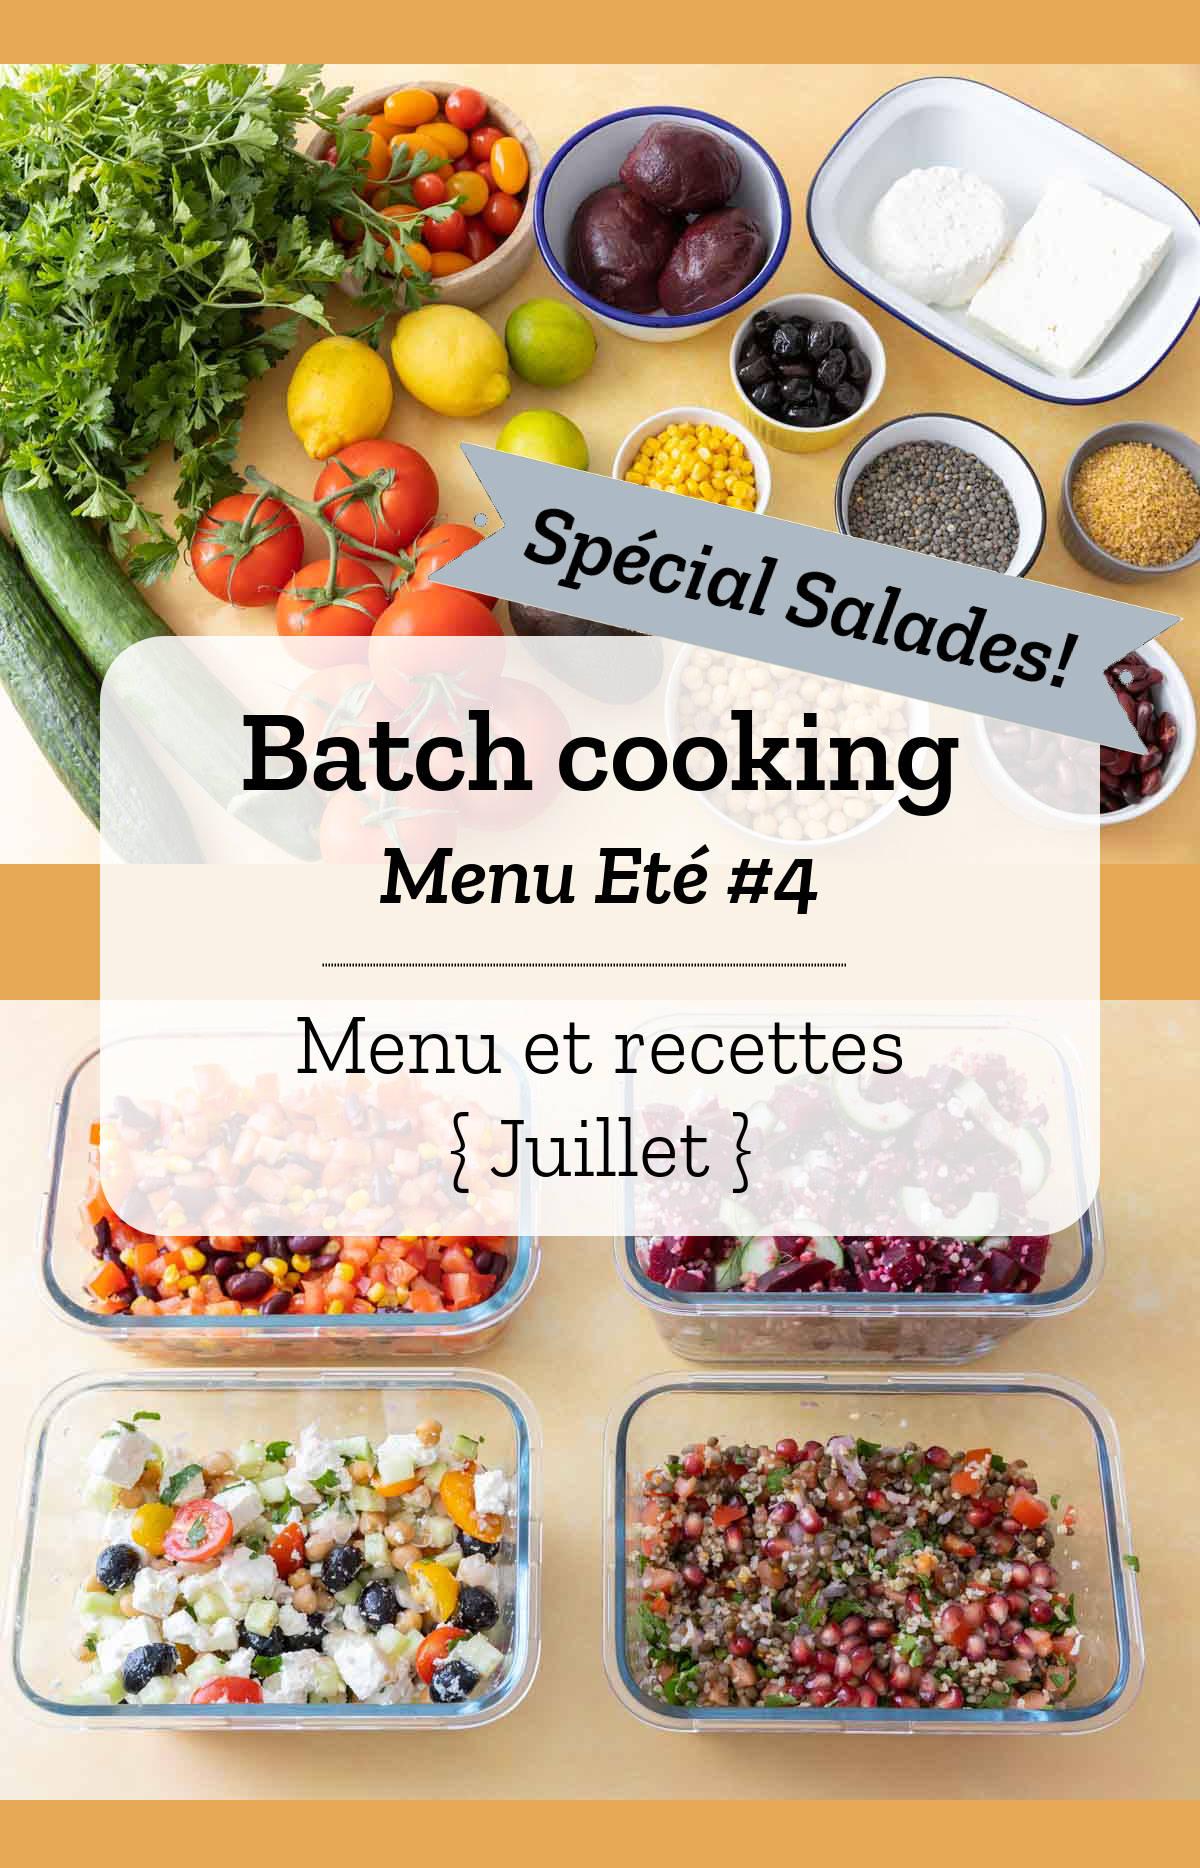 Batch cooking Eté #4 - Mois de Juillet - Semaine 29